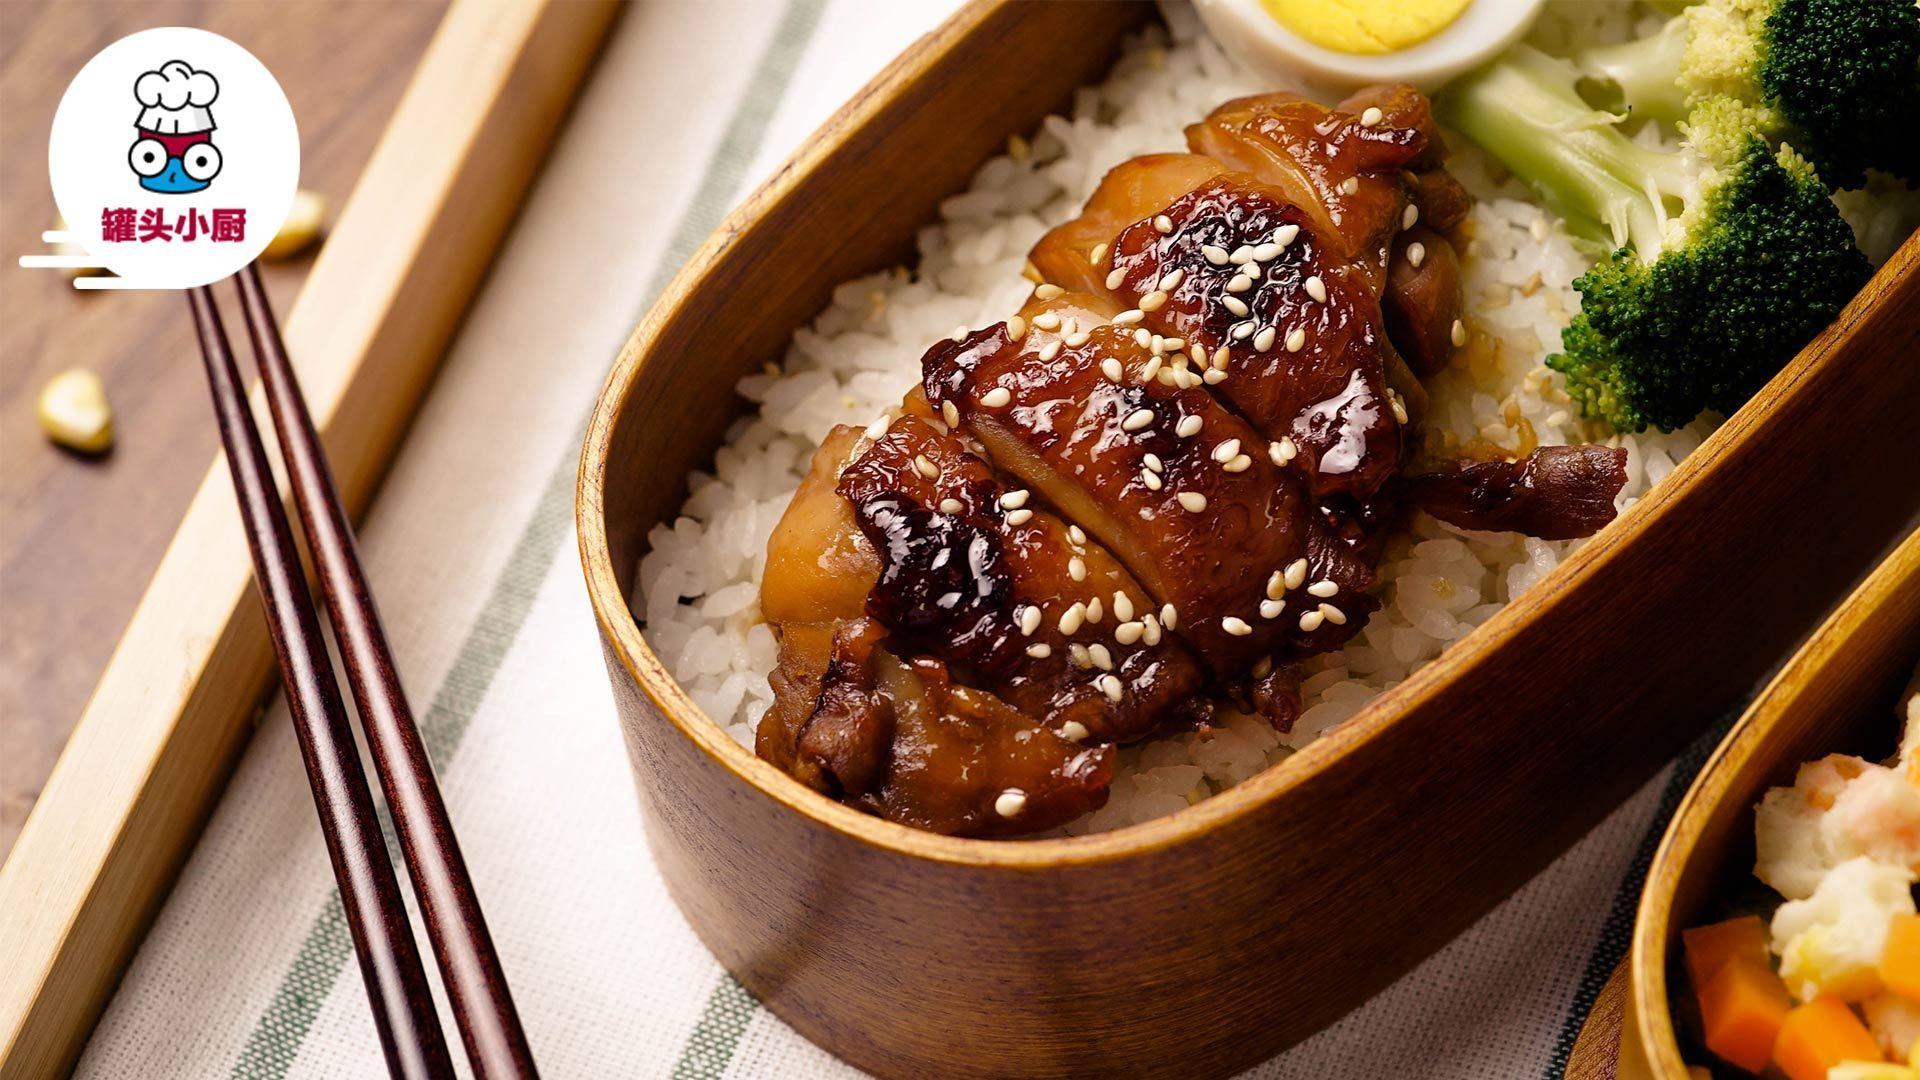 健康美味照烧鸡腿便当,让你和外卖君说拜拜